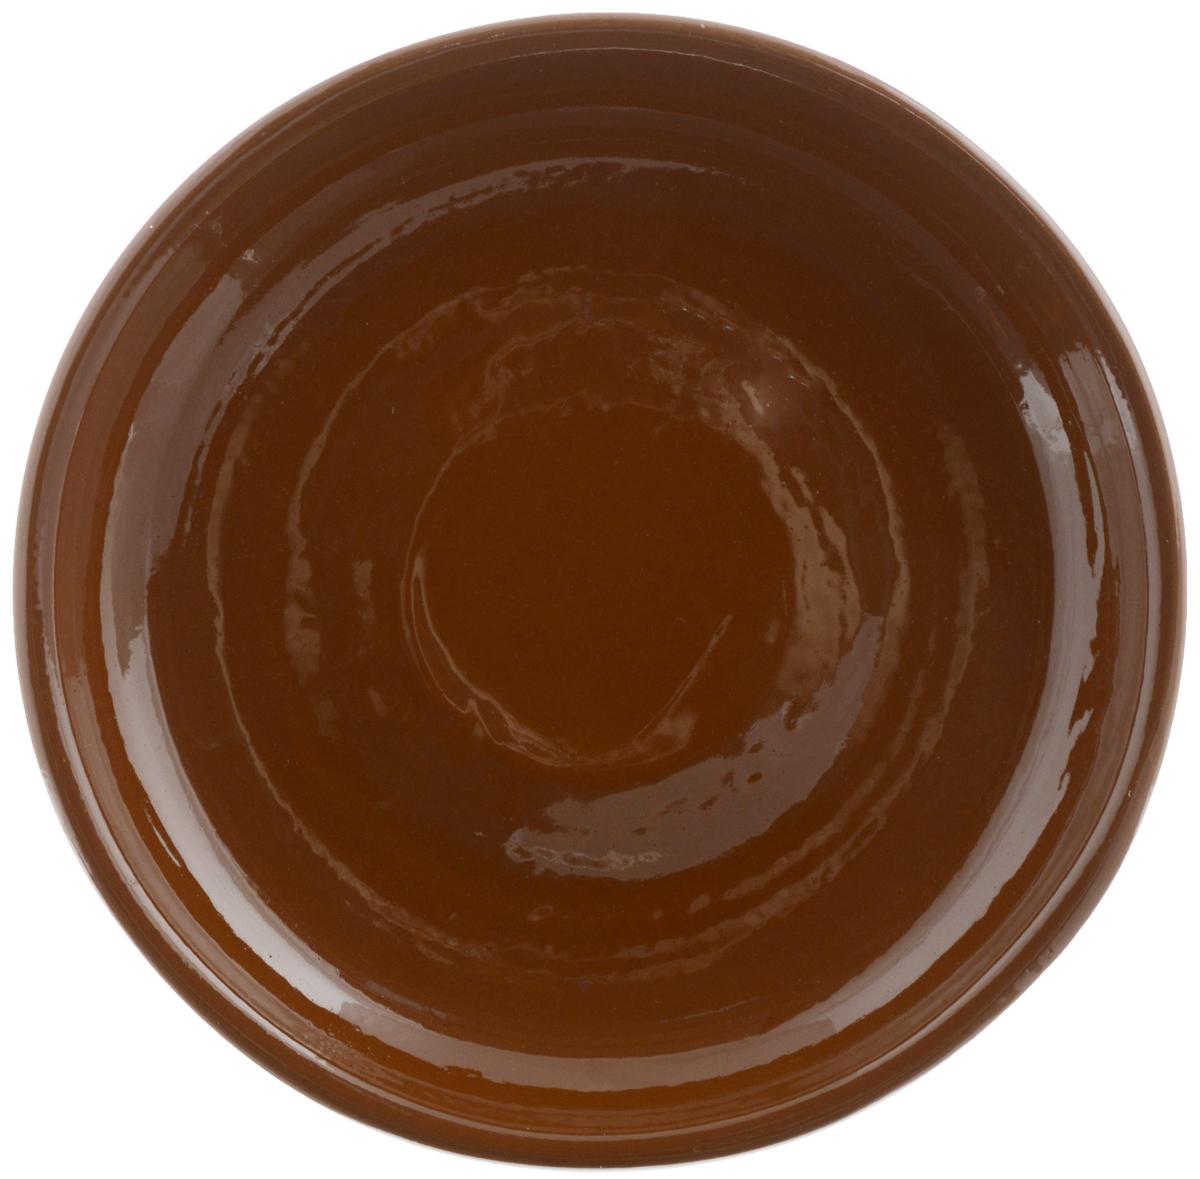 Тарелка Борисовская керамика Радуга, цвет: коричневый, диаметр 18 см115510Тарелка Борисовская керамика Радуга выполнена из высококачественной керамики. Изделие идеально подойдет для сервировки стола и станет отличным подарком к любому празднику. Можно использовать в духовке и микроволновой печи.